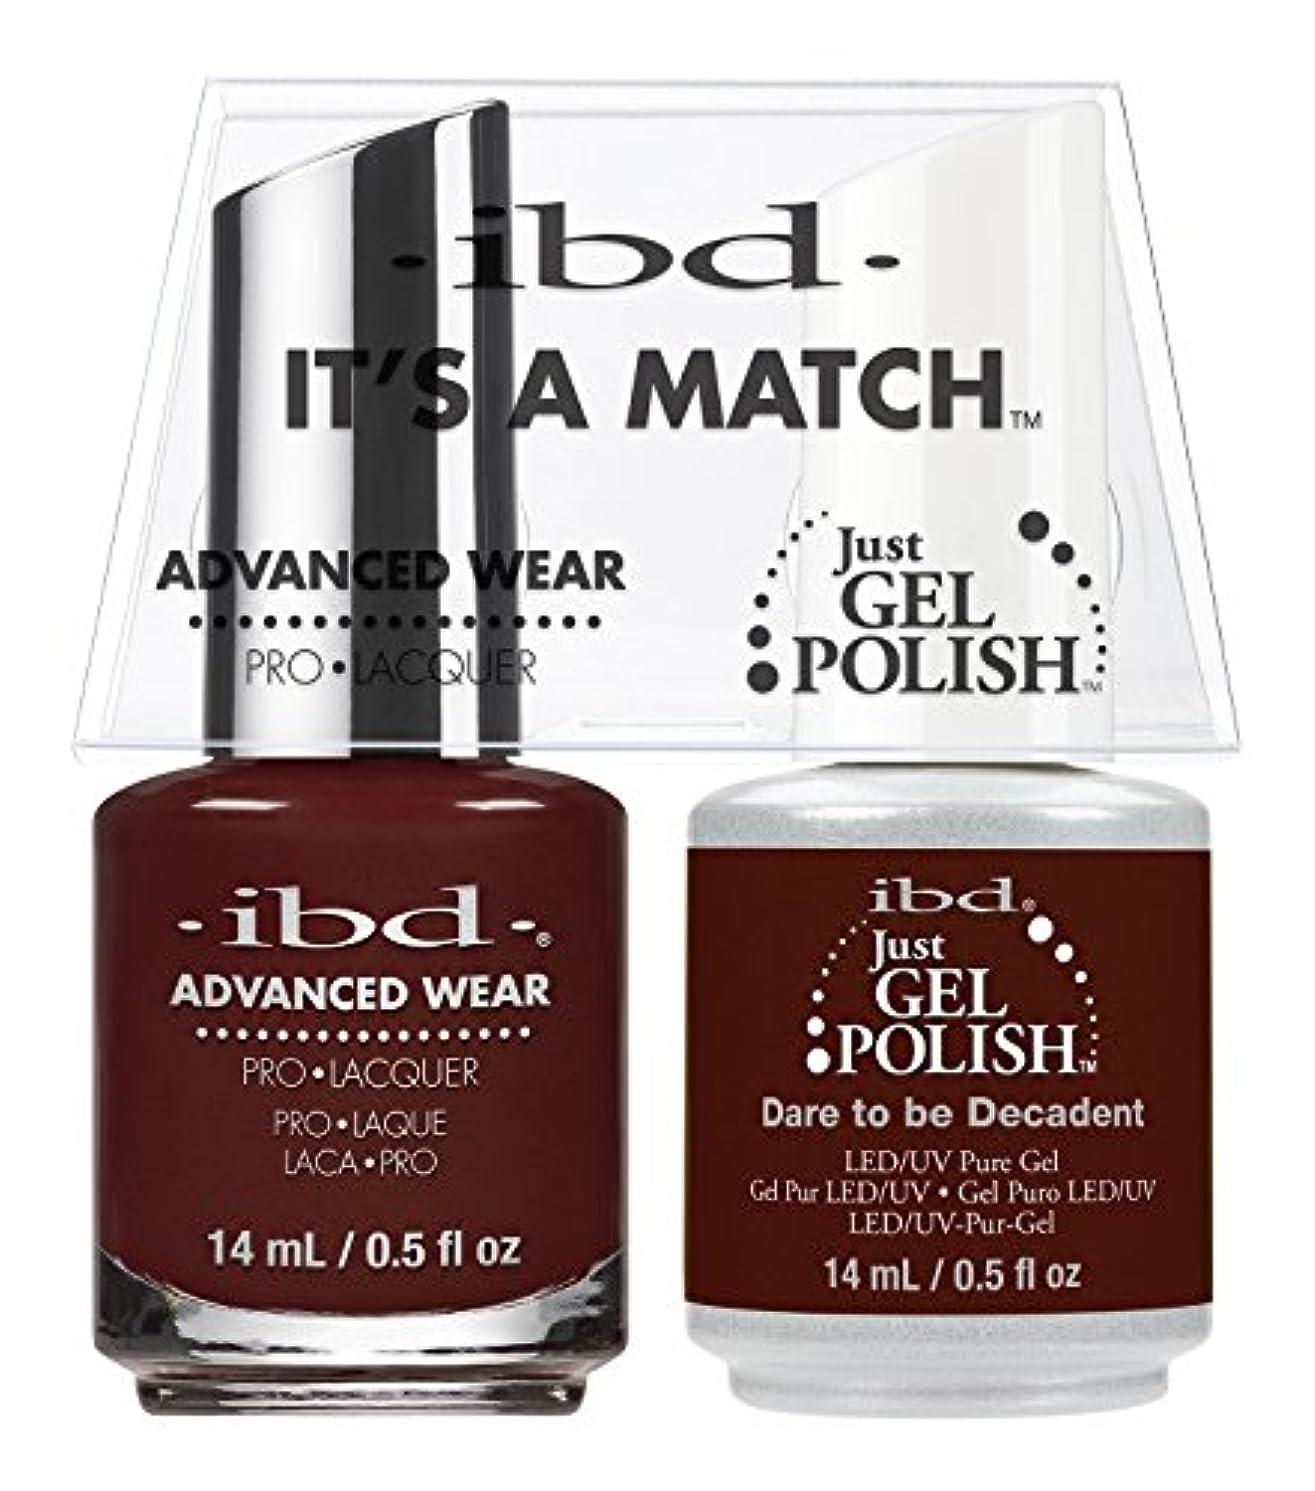 ダンスエキス小説ibd - It's A Match -Duo Pack- Dare to be Decadent- 14 mL / 0.5 oz Each